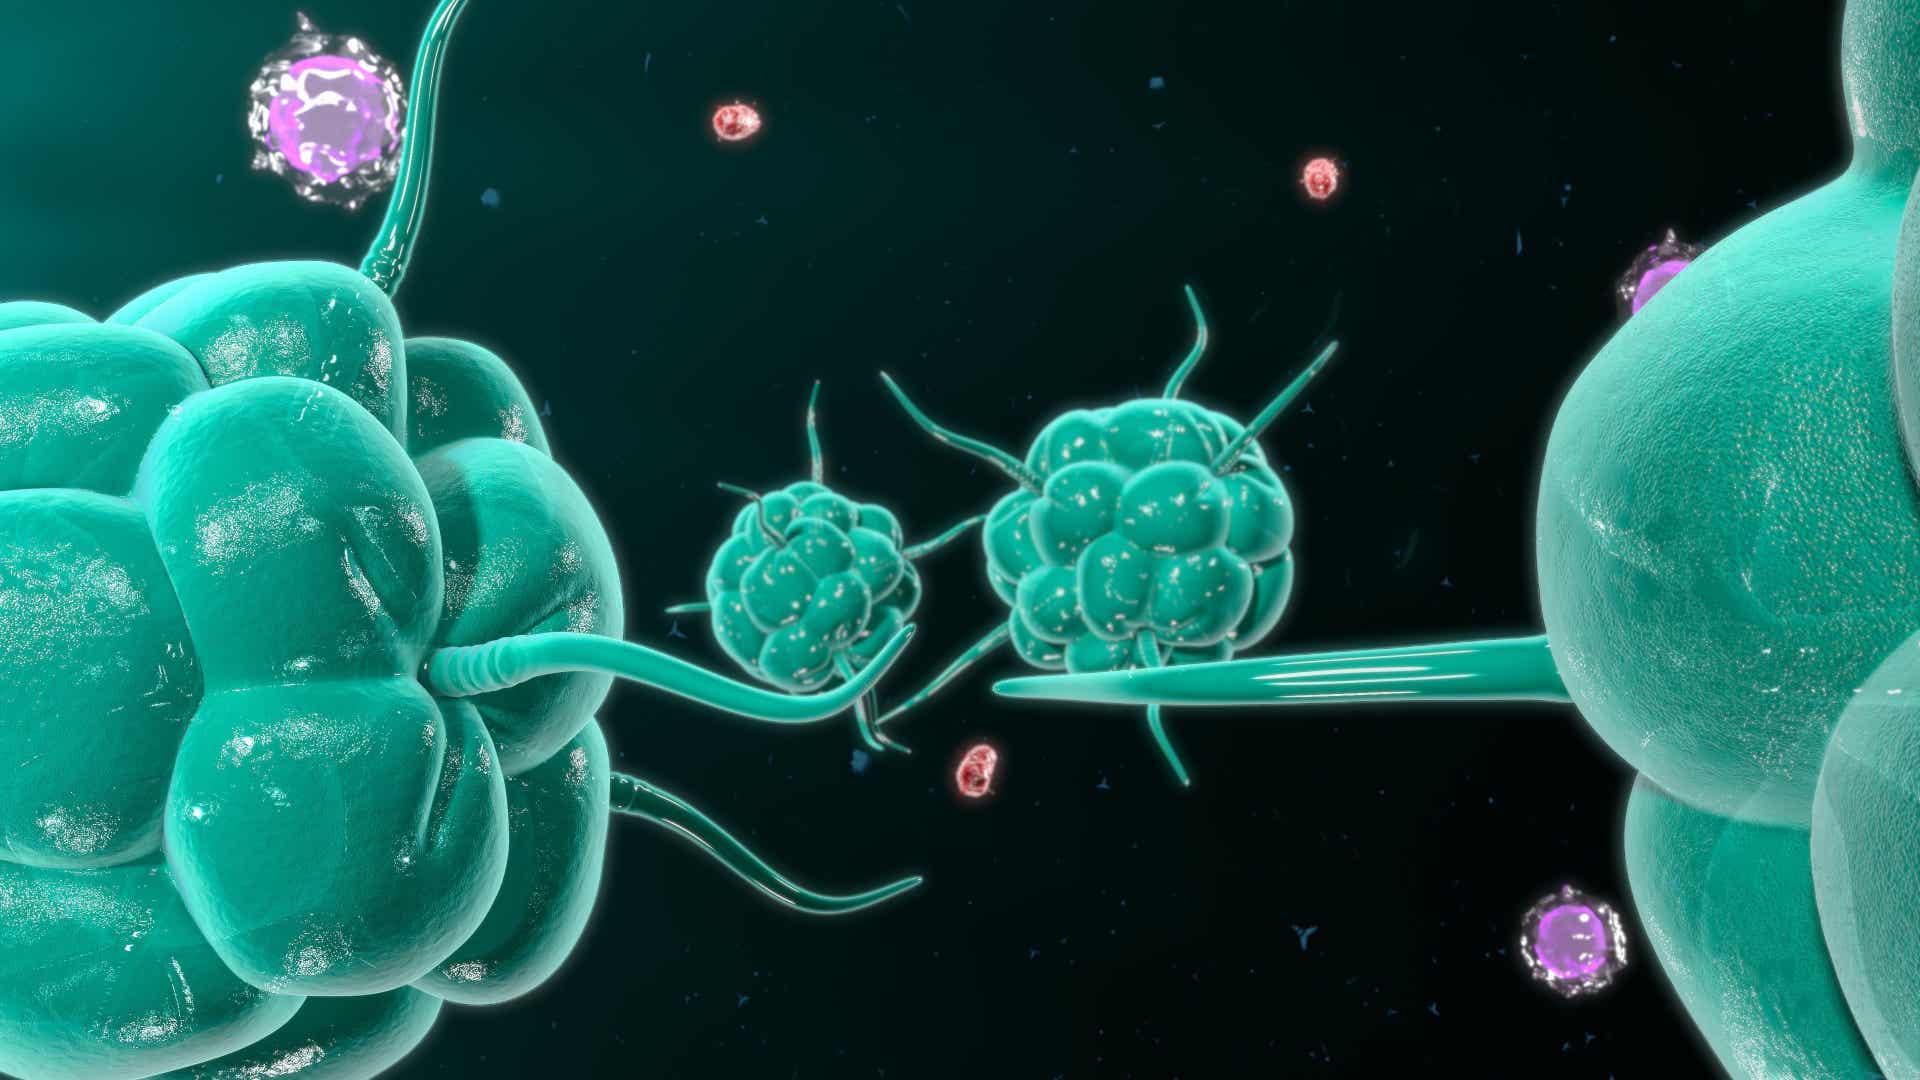 Imagen del ejército que supone el sistema inmune contra las enfermedades. Descubre cómo la cafeína afecta al deporte